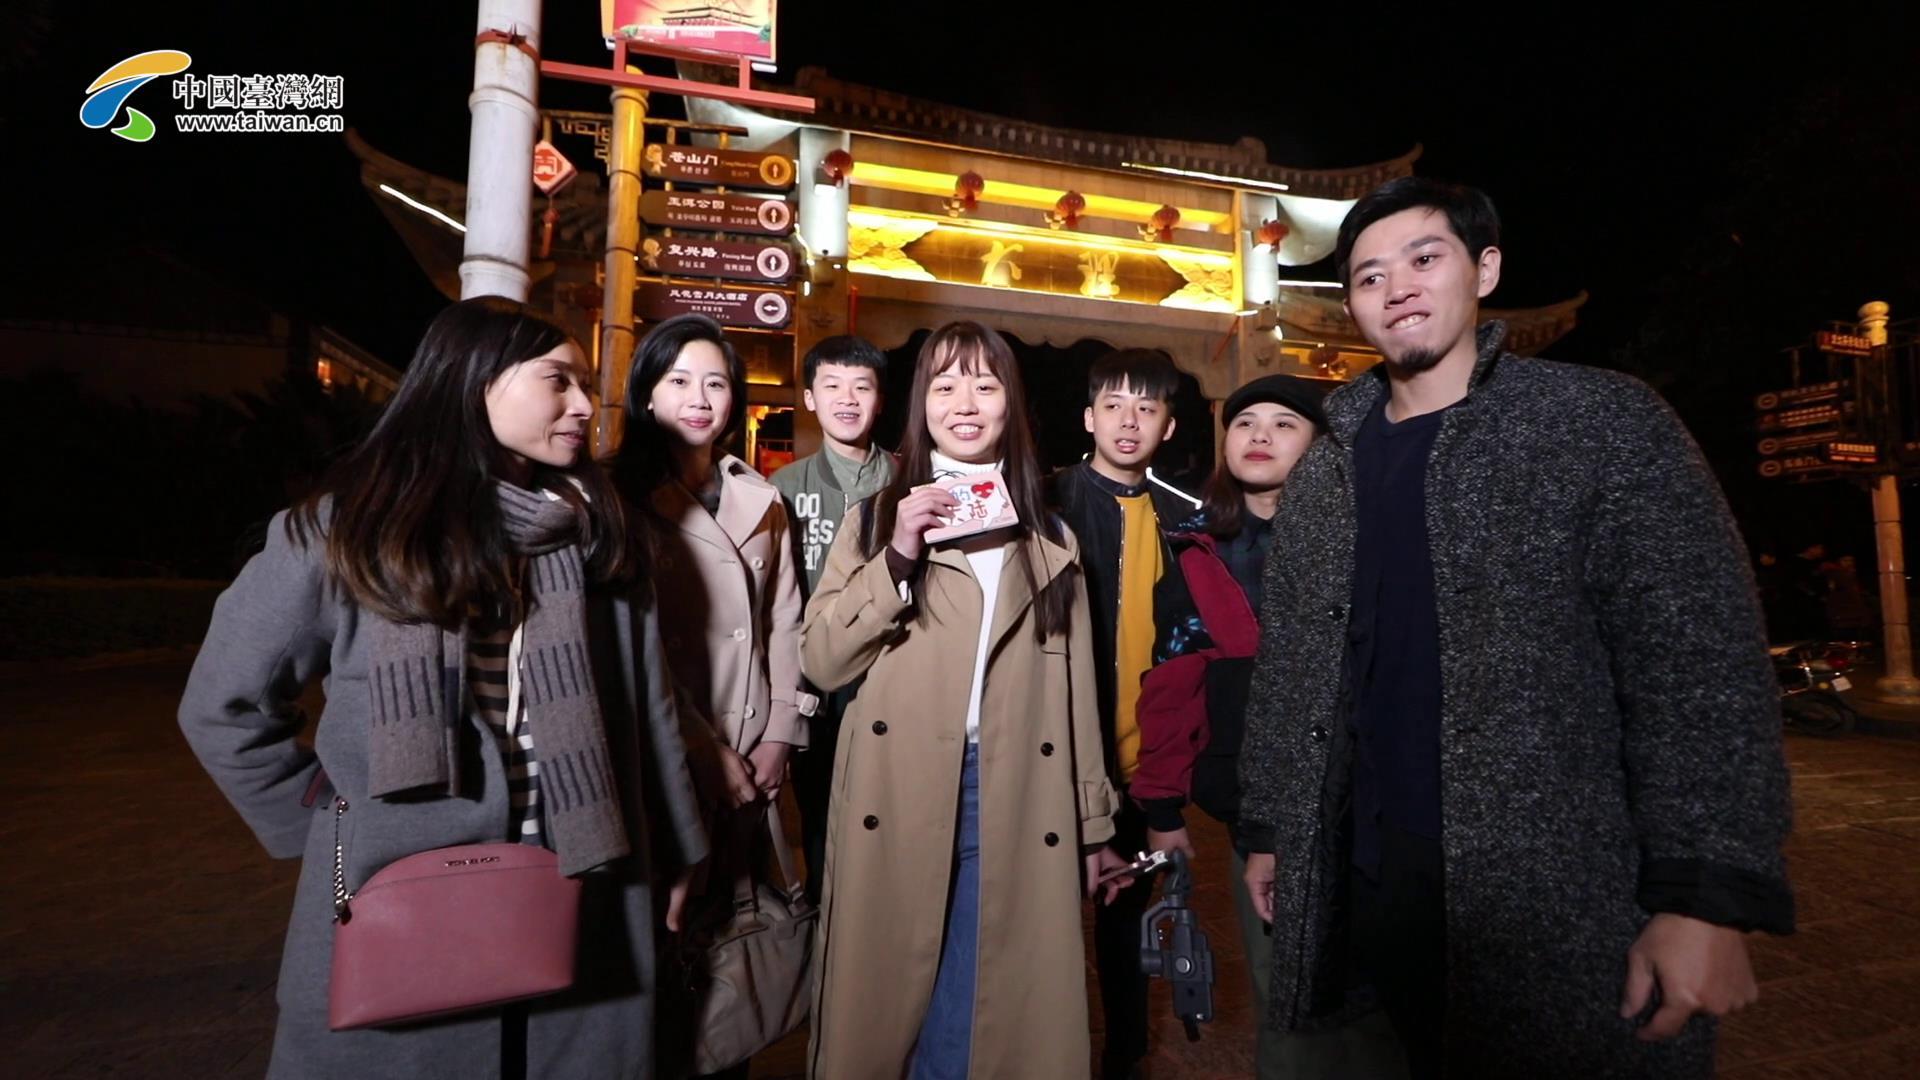 【云南篇】台湾姑娘被大理所感动 沉醉于古城的温柔乡图片